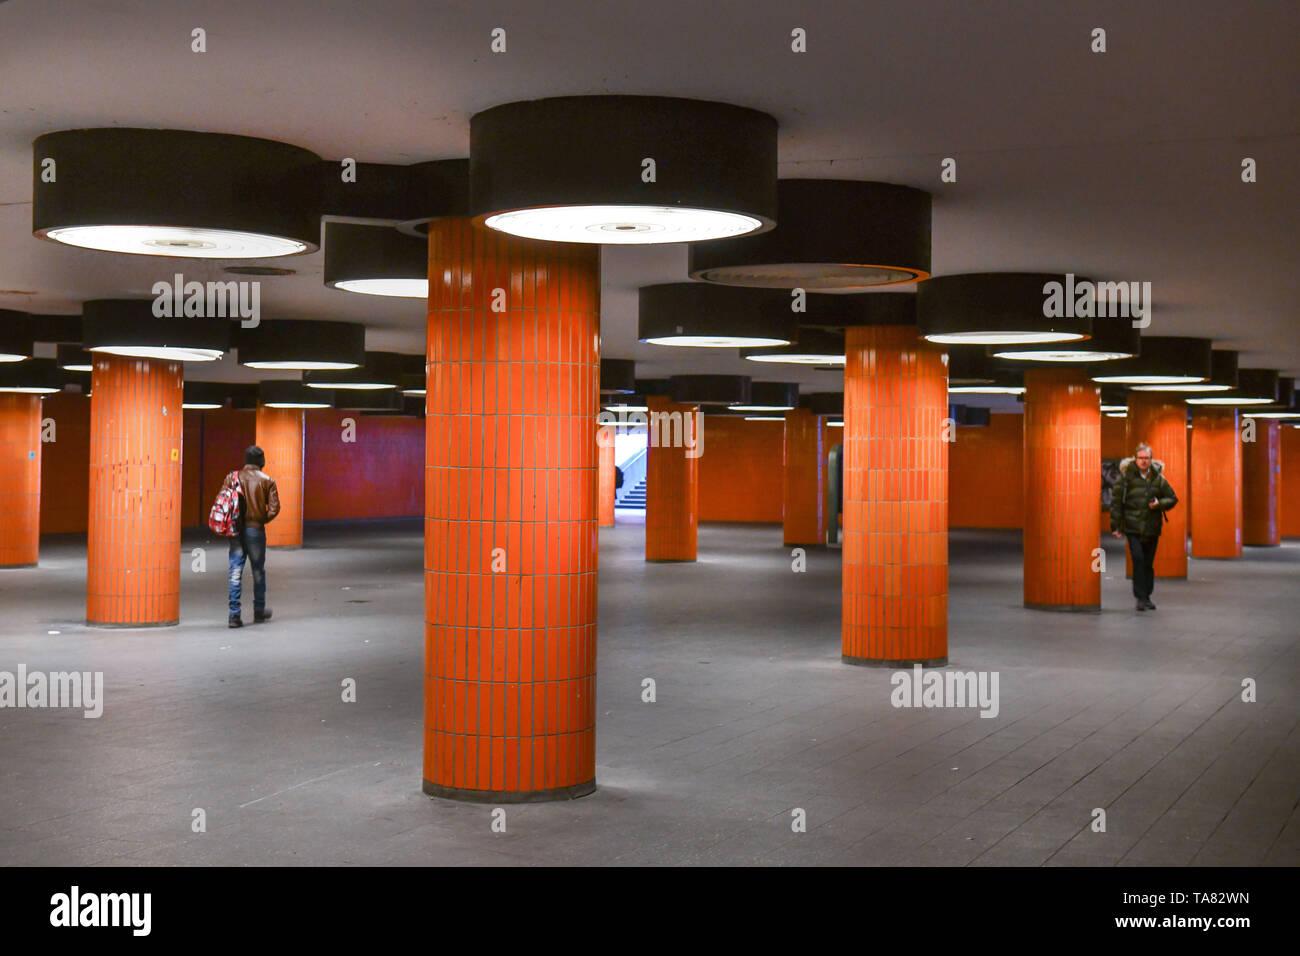 Underpass, fair dam, Westend, Charlottenburg, Berlin, Germany, Unterfuehrung, Messedamm, Deutschland - Stock Image